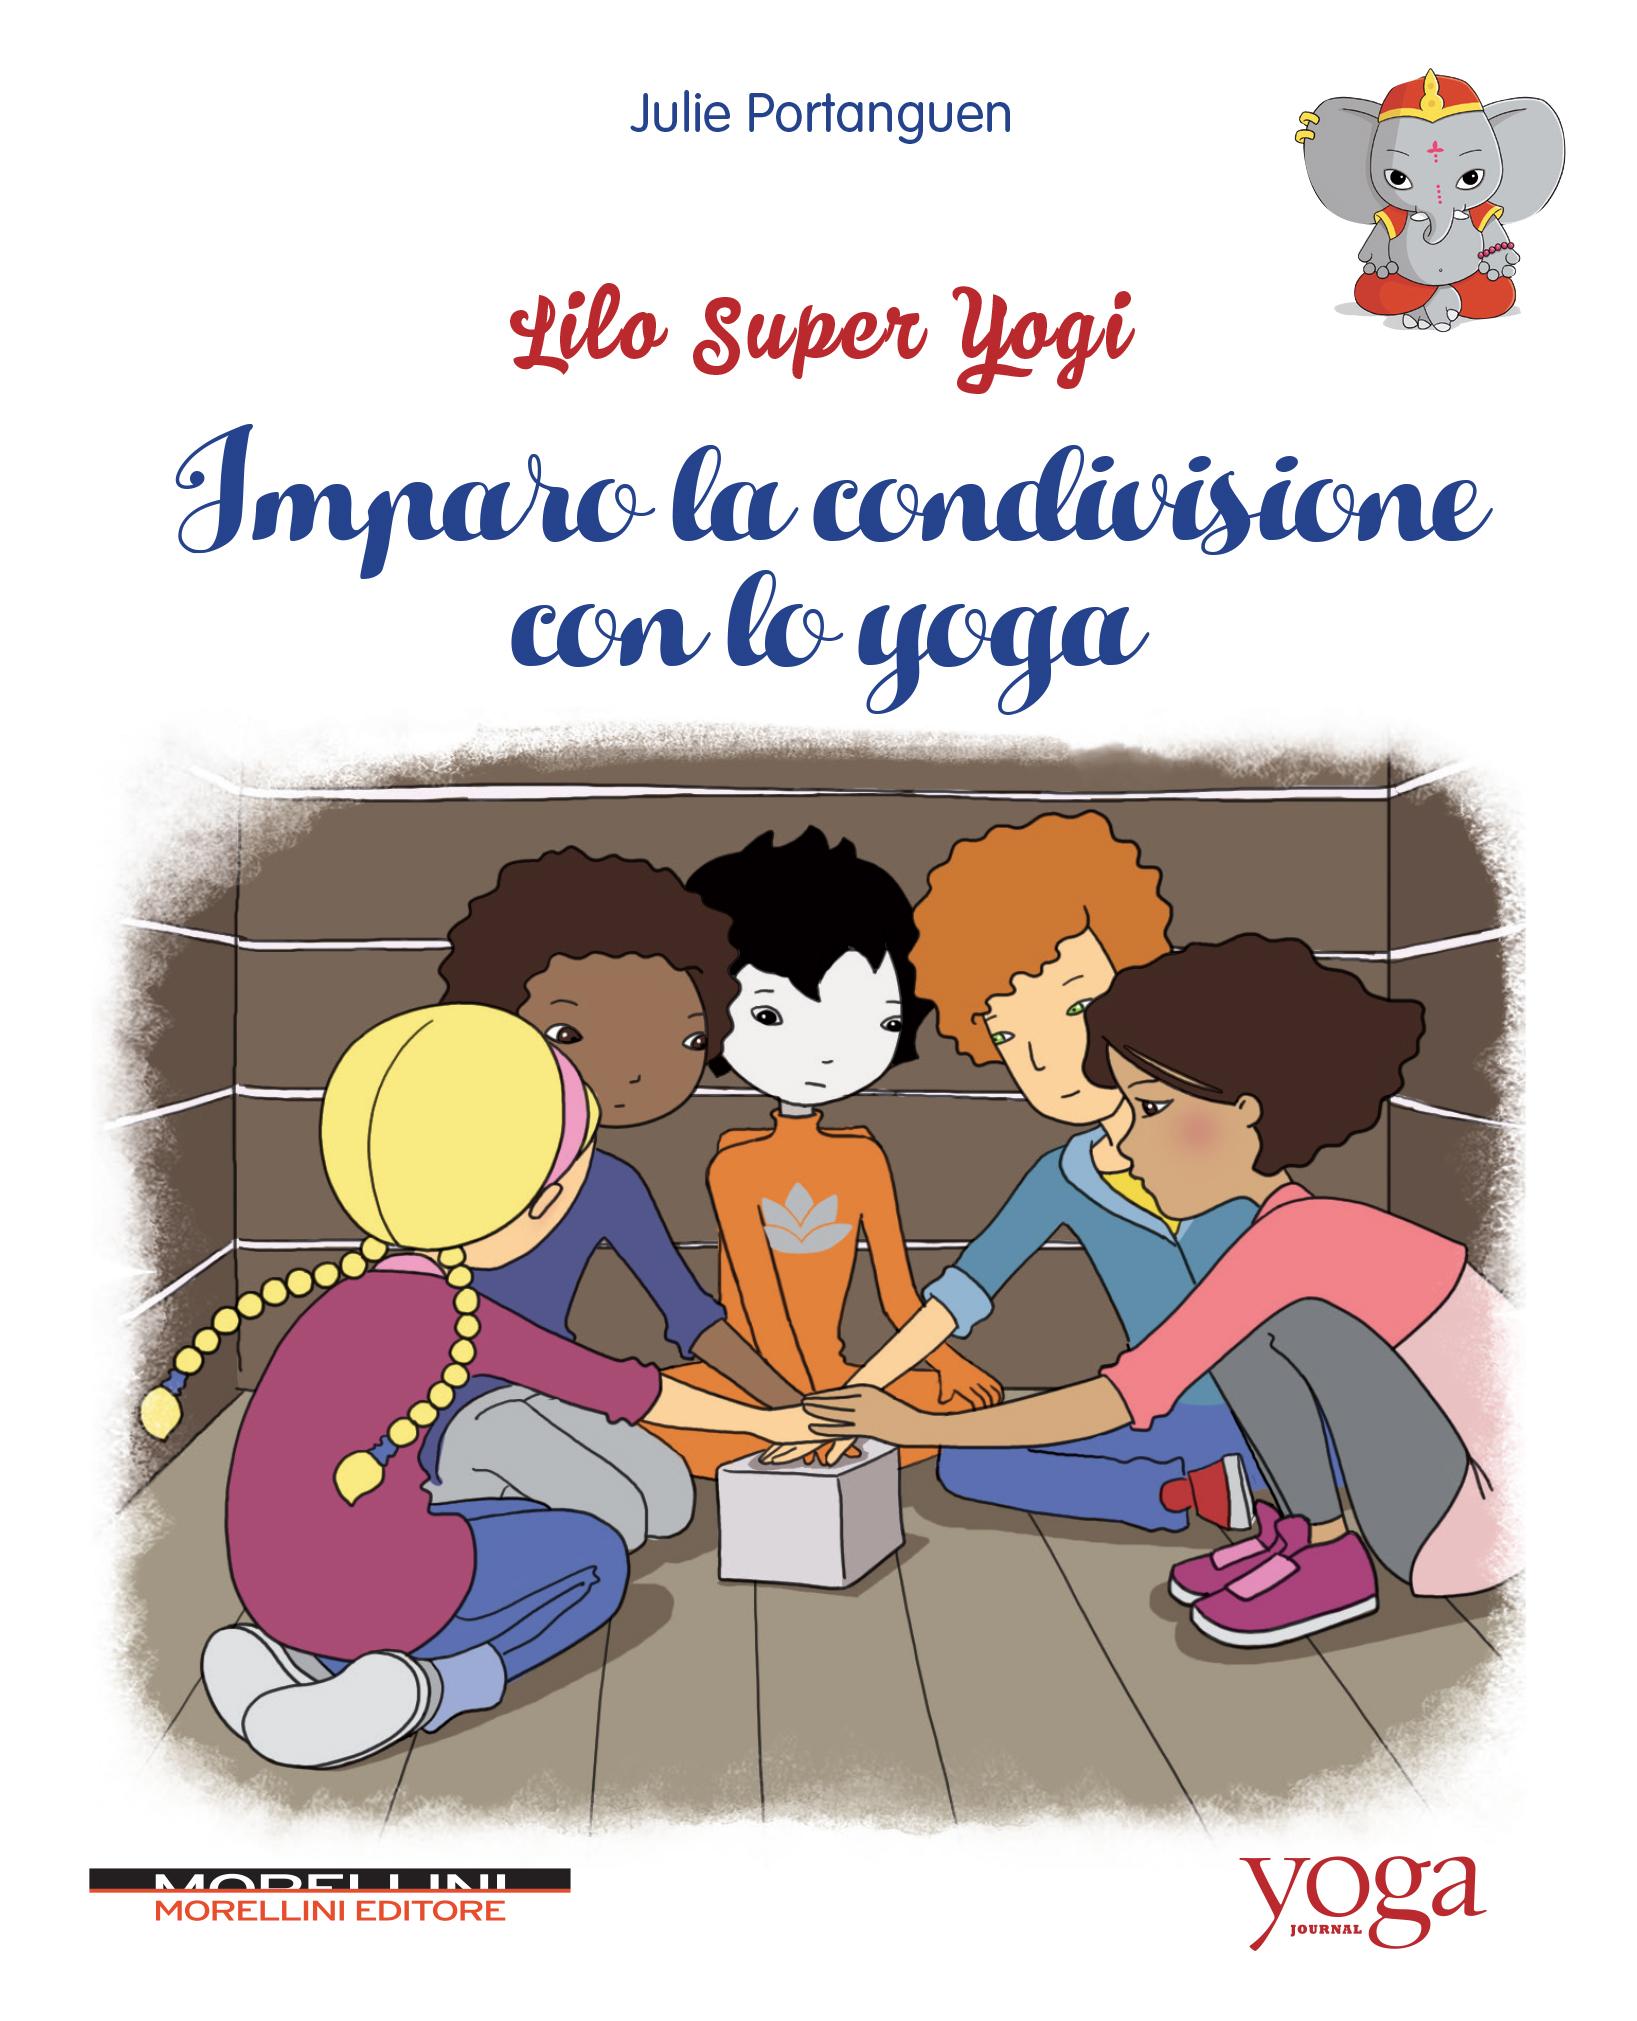 Lilo super yogi - Julie Portanguen - Morellini Editore